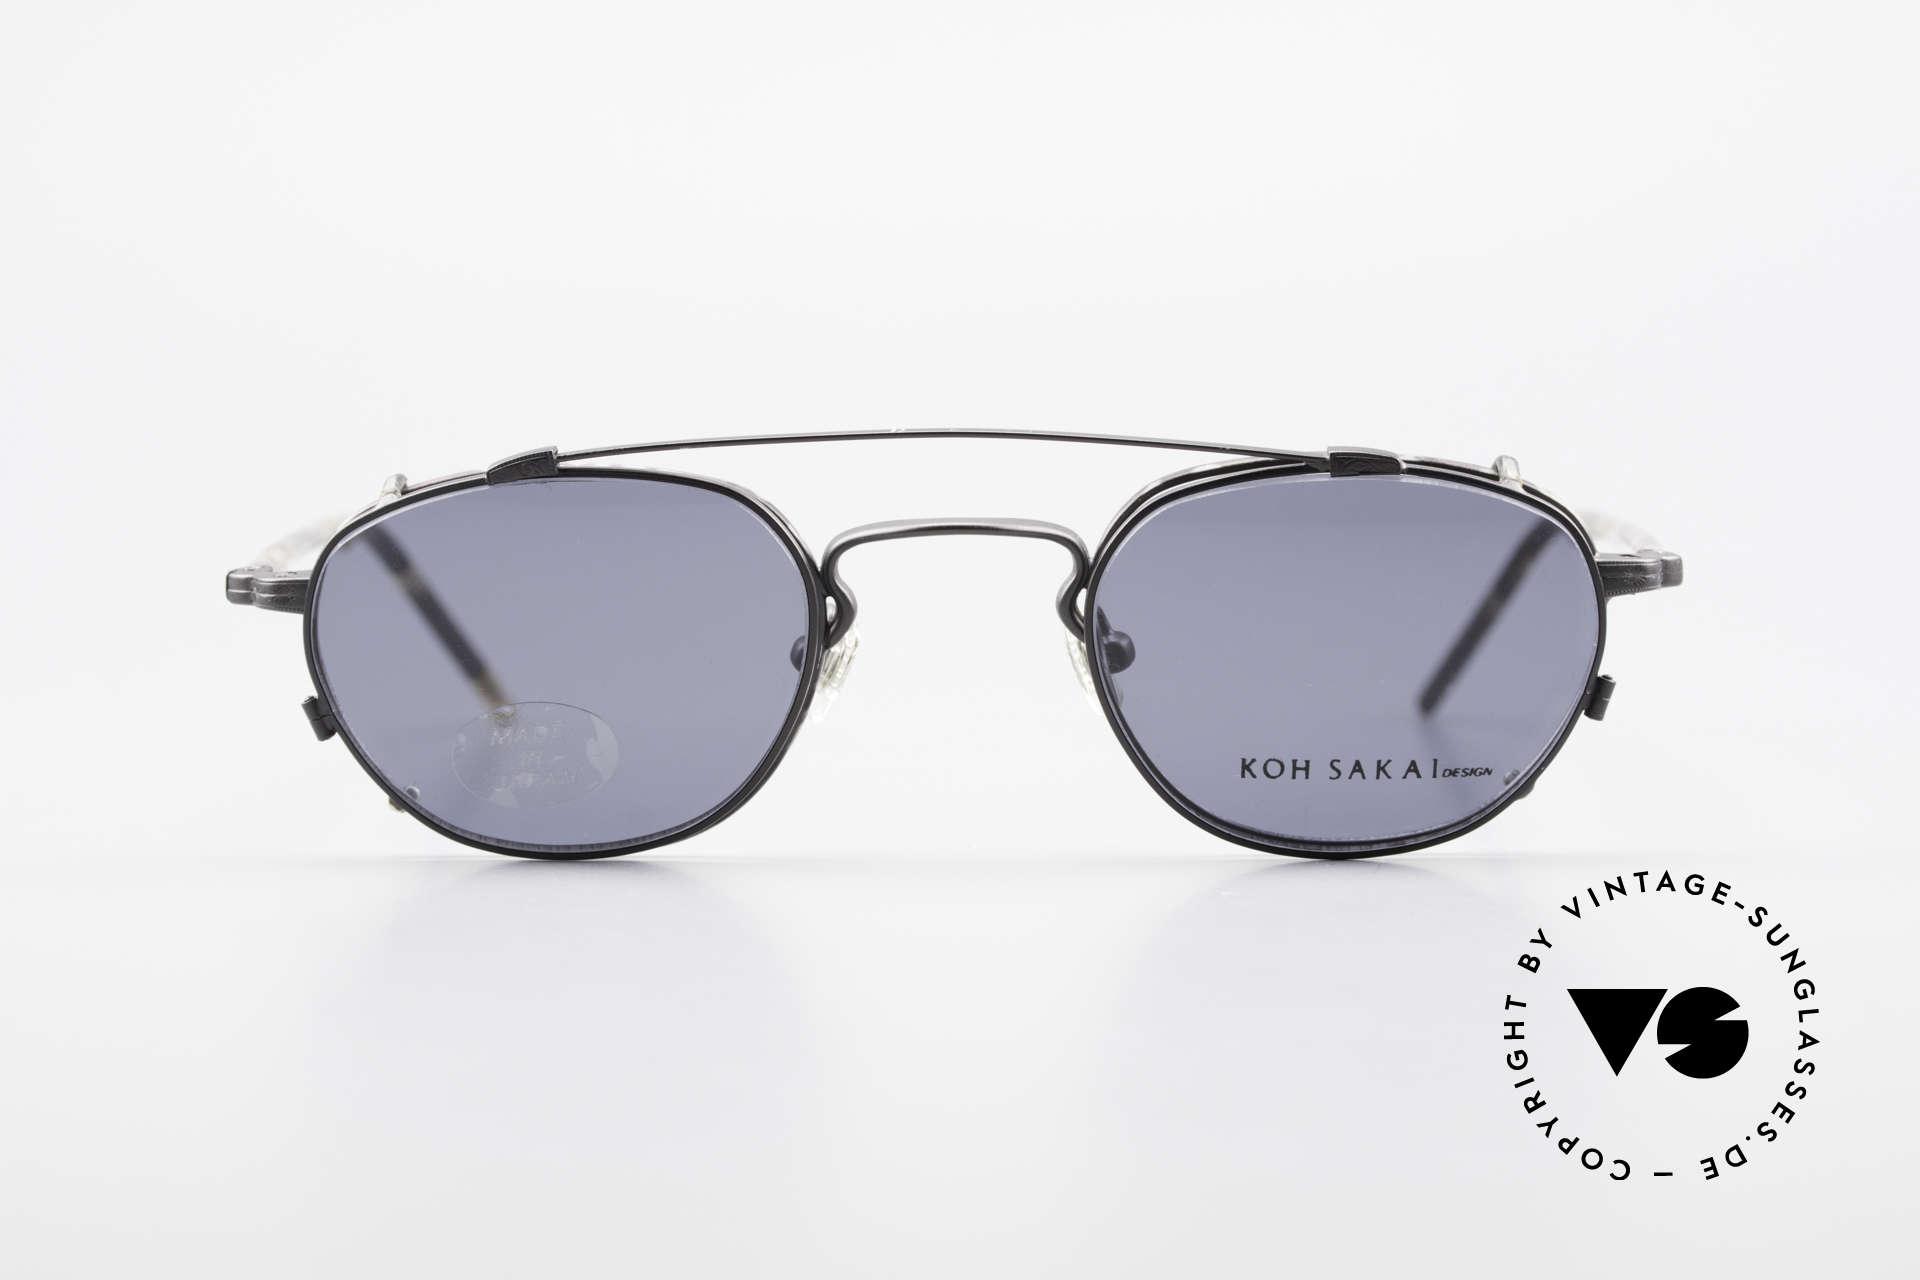 Koh Sakai KS9408 Kleine Brille mit Sonnenclip, Koh Sakai, BADA und OKIO Brillen waren ein Vertrieb, Passend für Herren und Damen